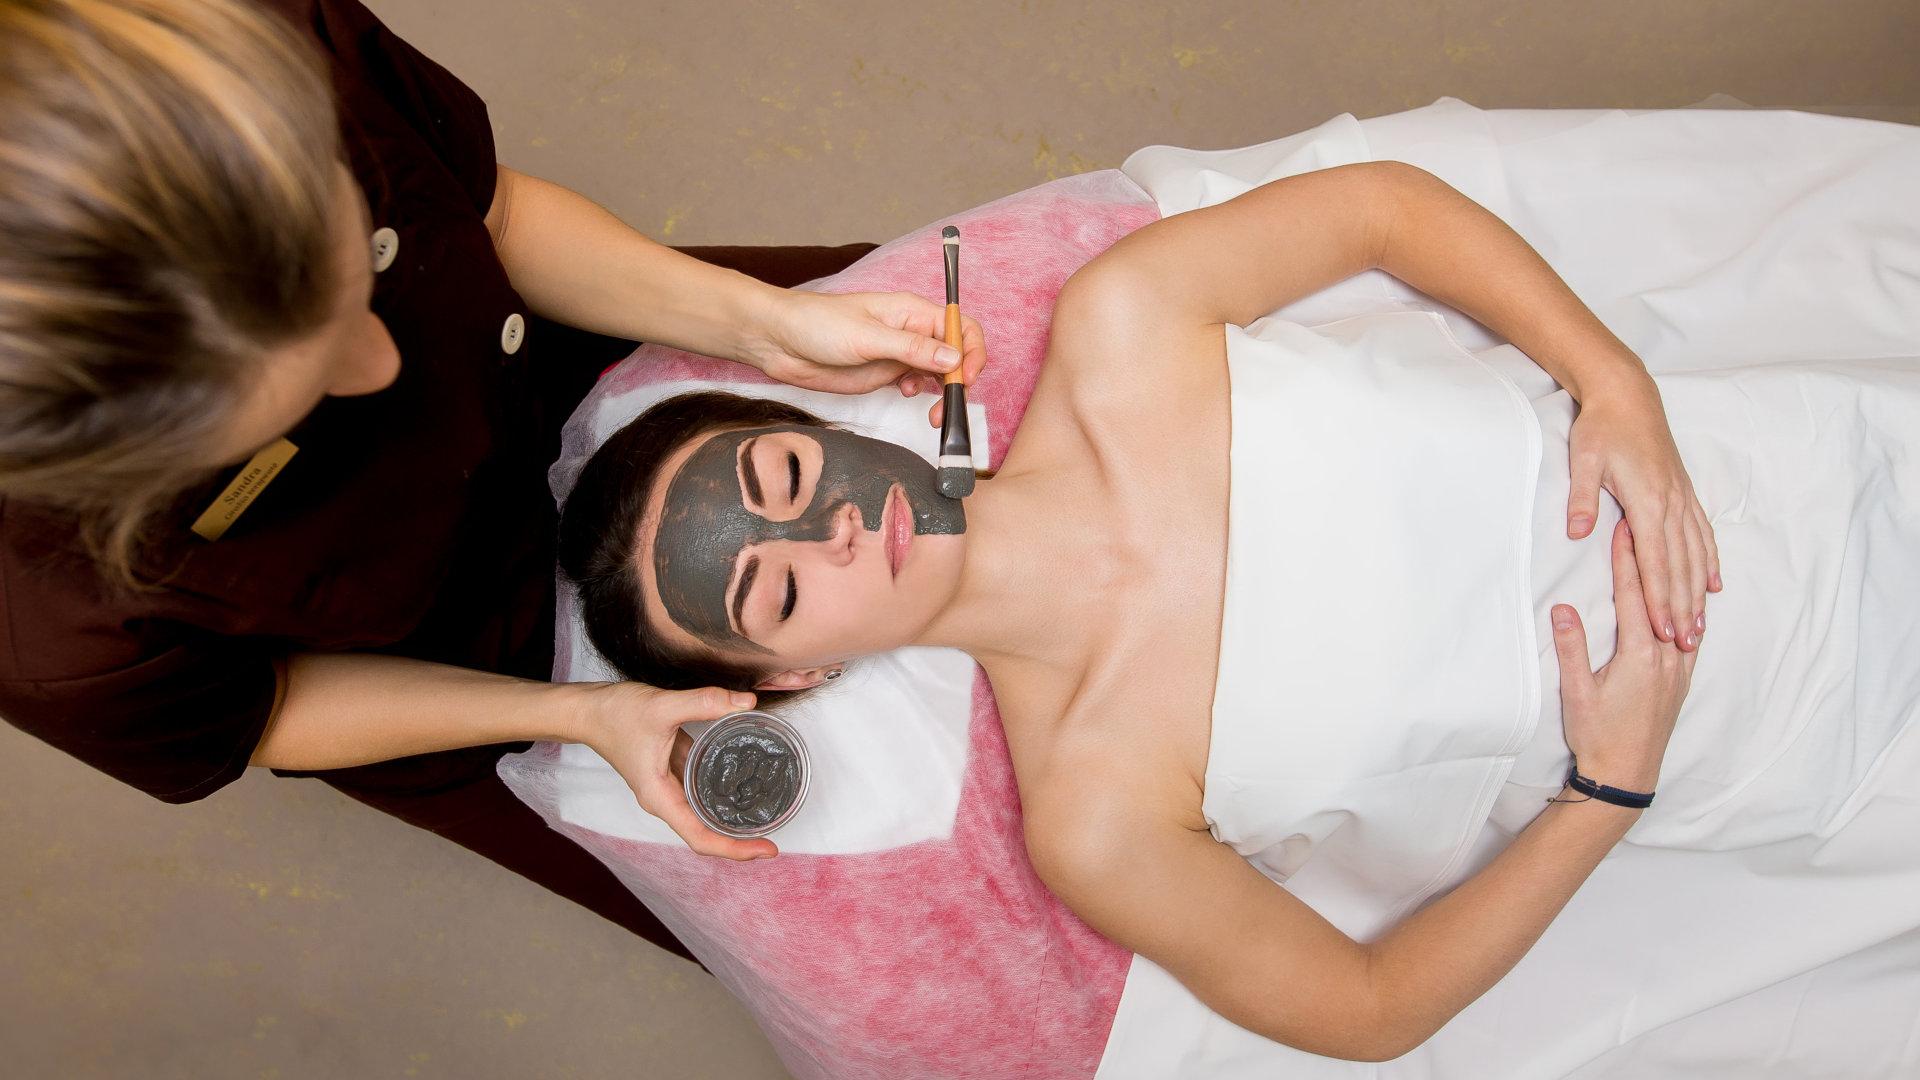 Vesela āda, veselības uzlabošanas programma